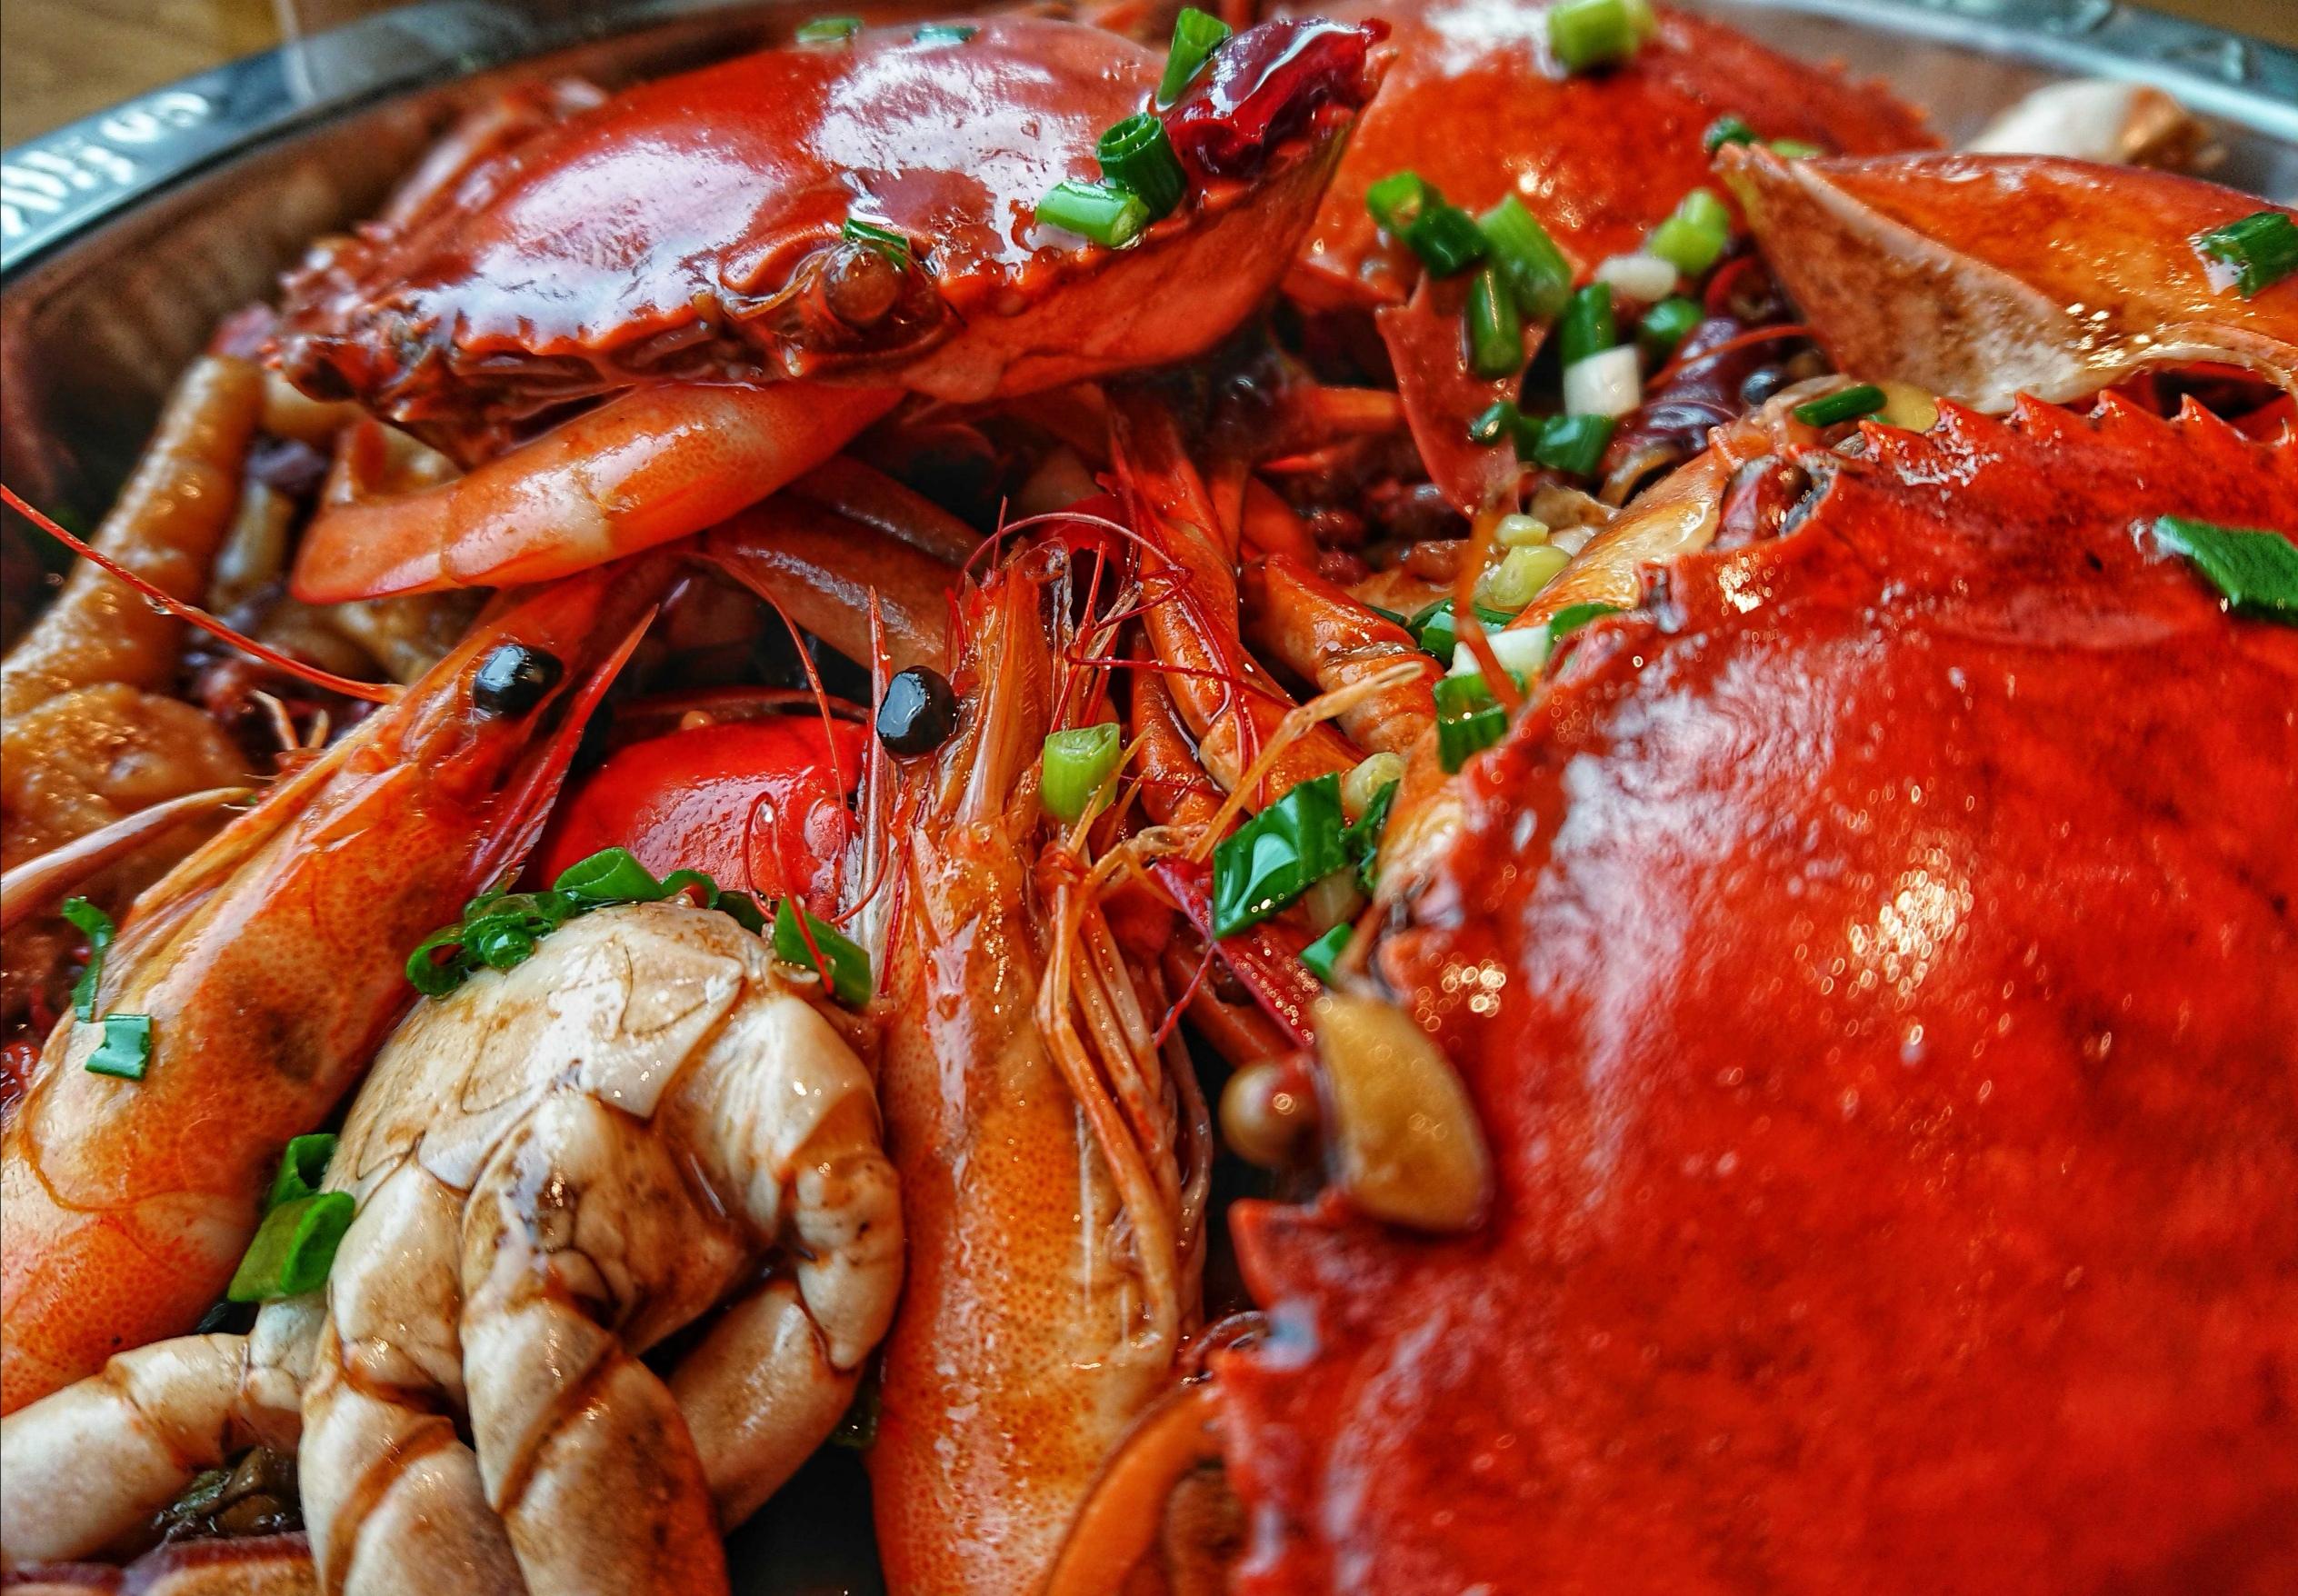 虾蟹煲,用螃蟹、基围虾和鸡爪混合烧制而成。 谌毅 图